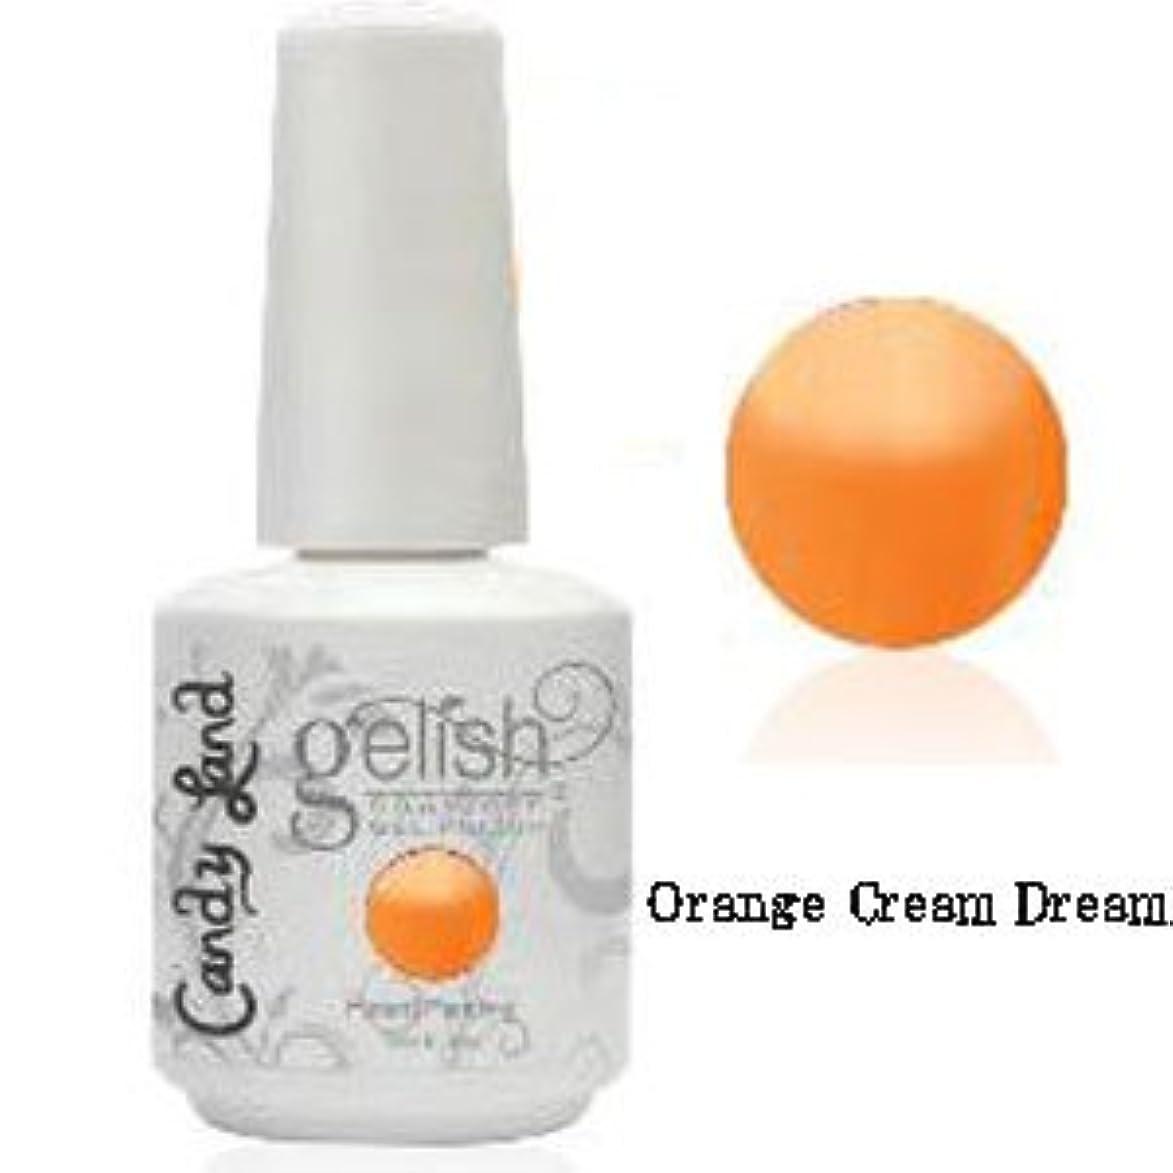 ミス補償ポケットHarmony gelishソークオフジェル-Orange Cream Dream-キャンディーランドコレクション 15ml [海外直送品][並行輸入品]